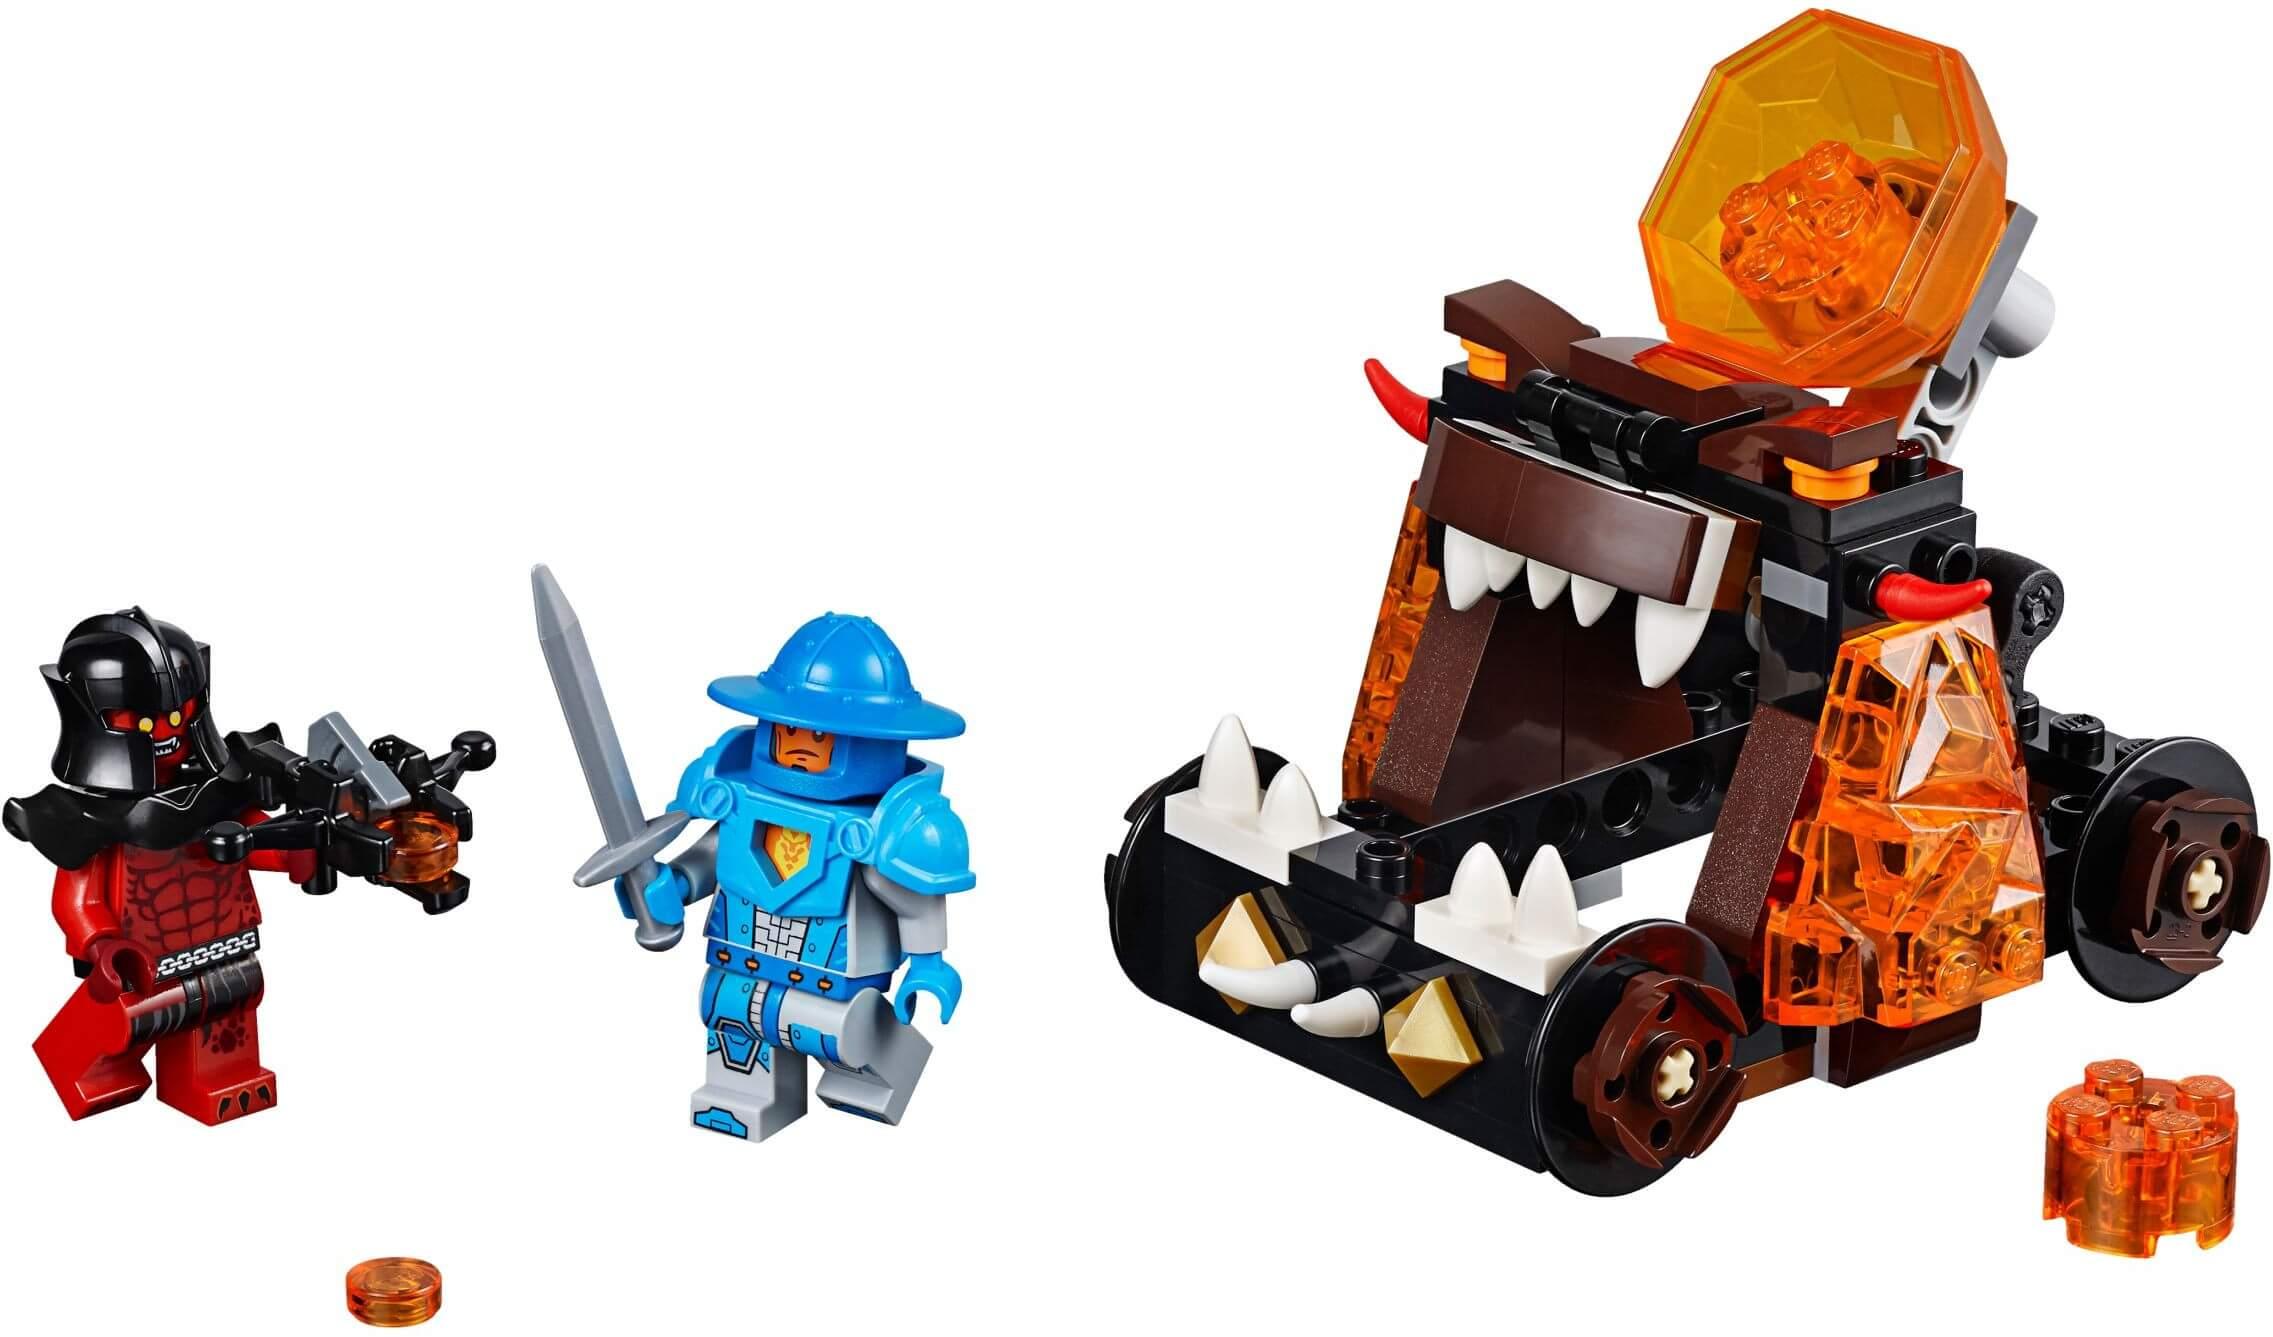 Mua đồ chơi LEGO 70311 - LEGO Nexo Knights 70311 - Máy bắn đá quỷ dữ (LEGO Nexo Knights Chaos Catapult 70311)